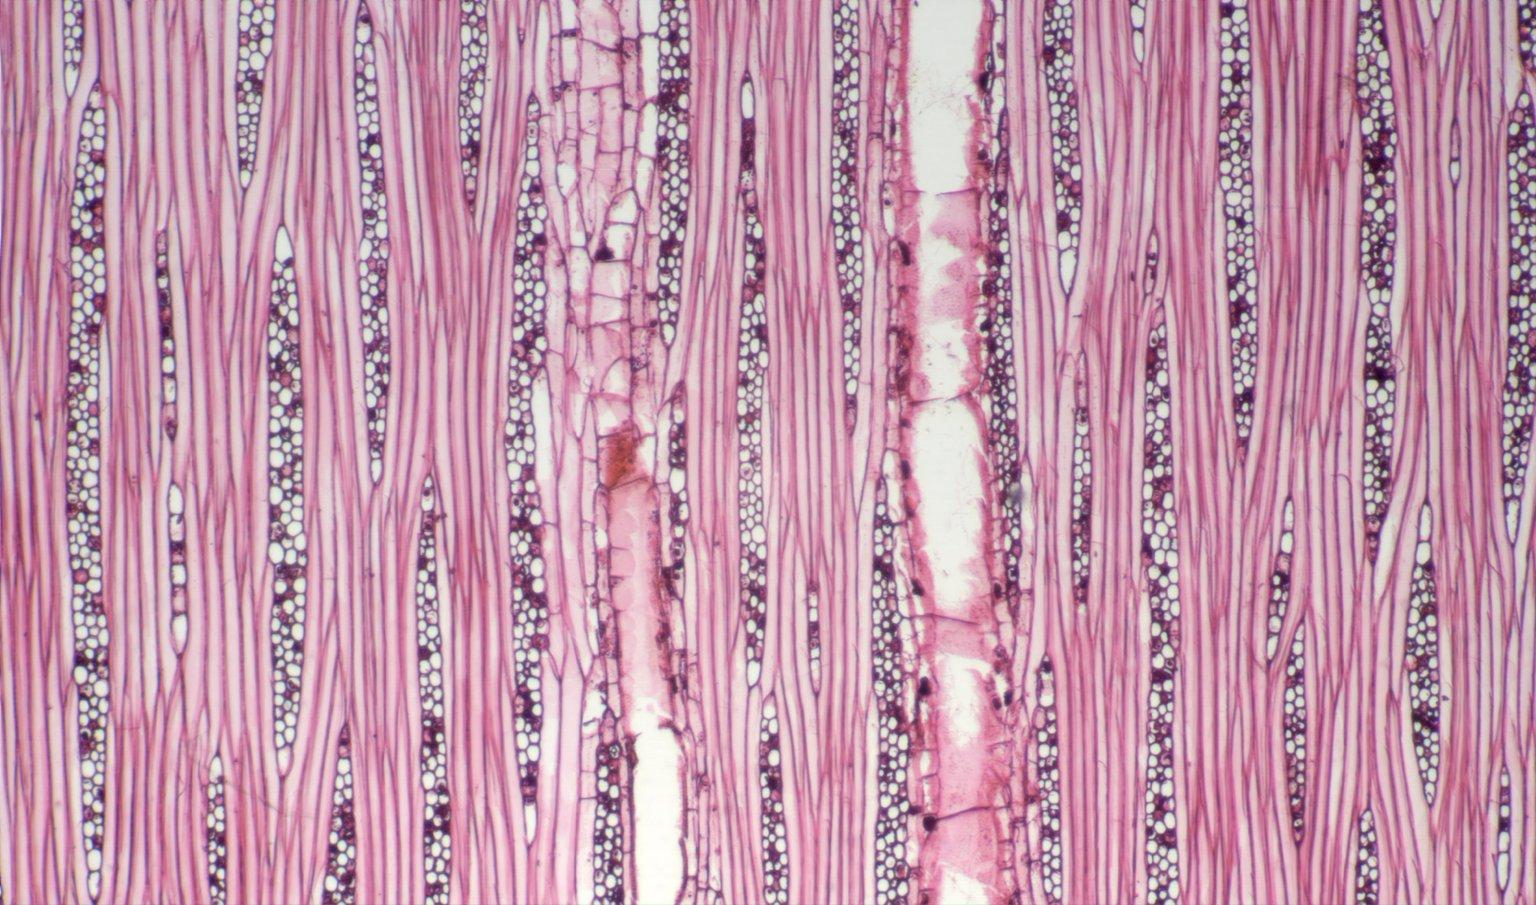 LEGUMINOSAE DETARIOIDEAE Prioria copaifera